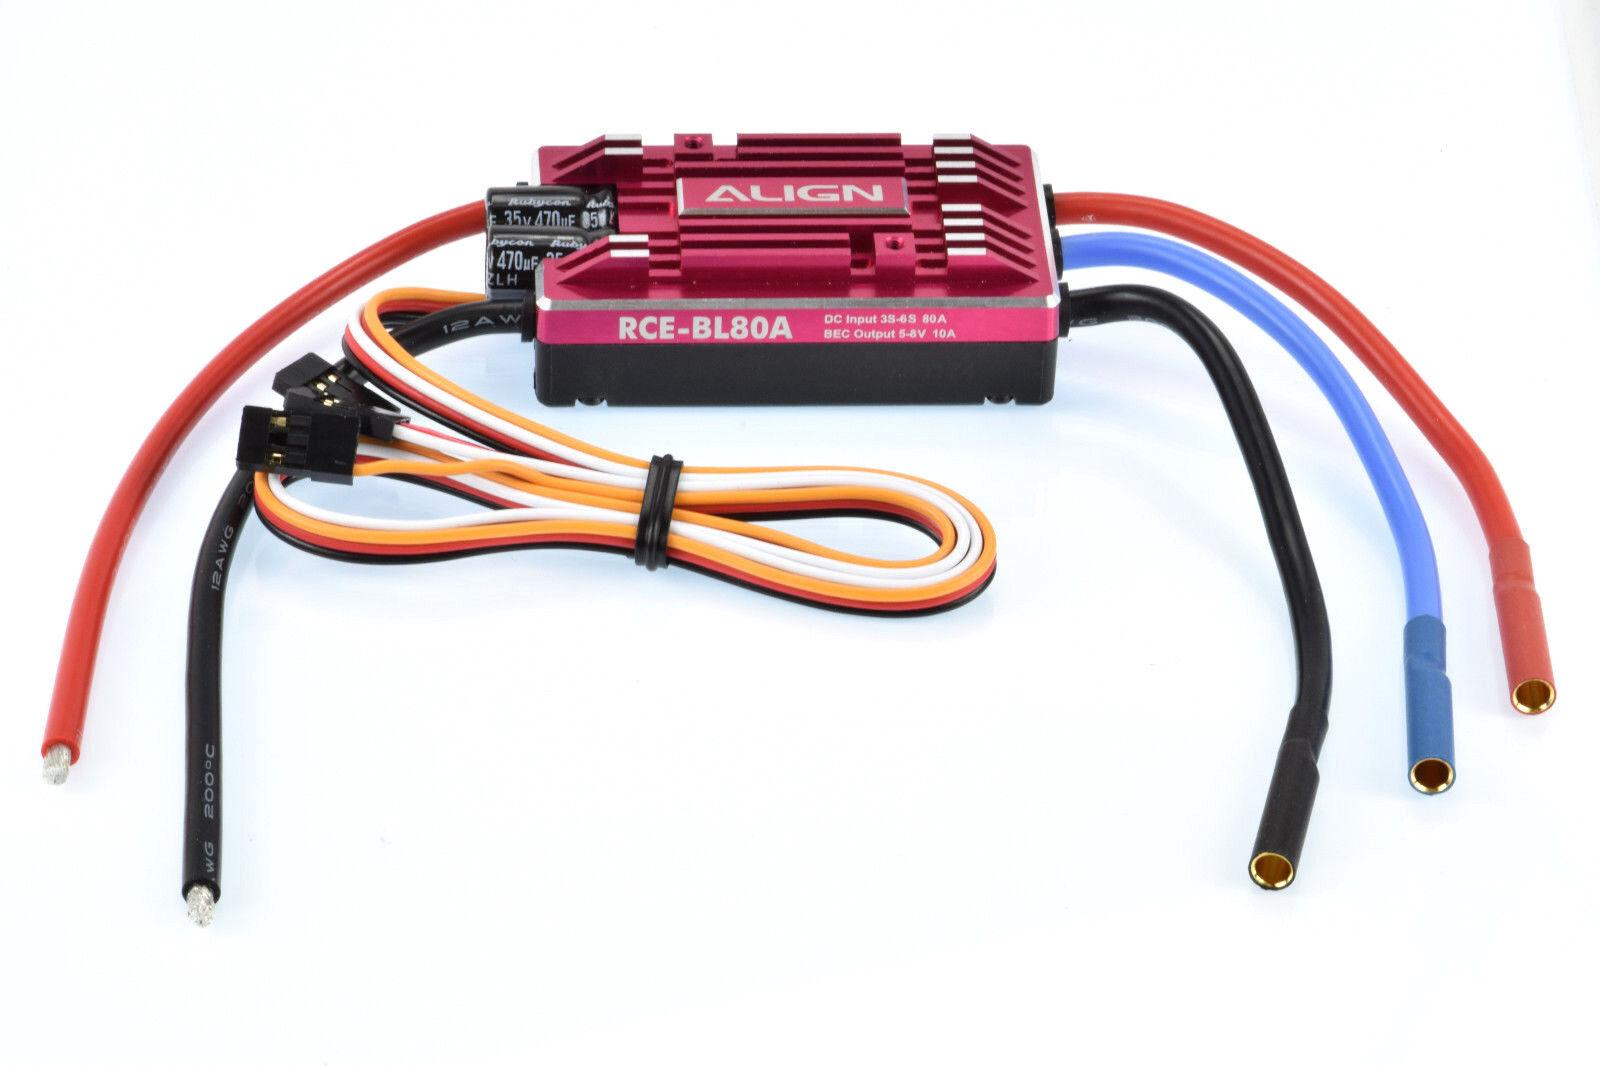 Align RCE-BL80A 80Amp sin Escobillas Electrónico Control de Velocidad Esc